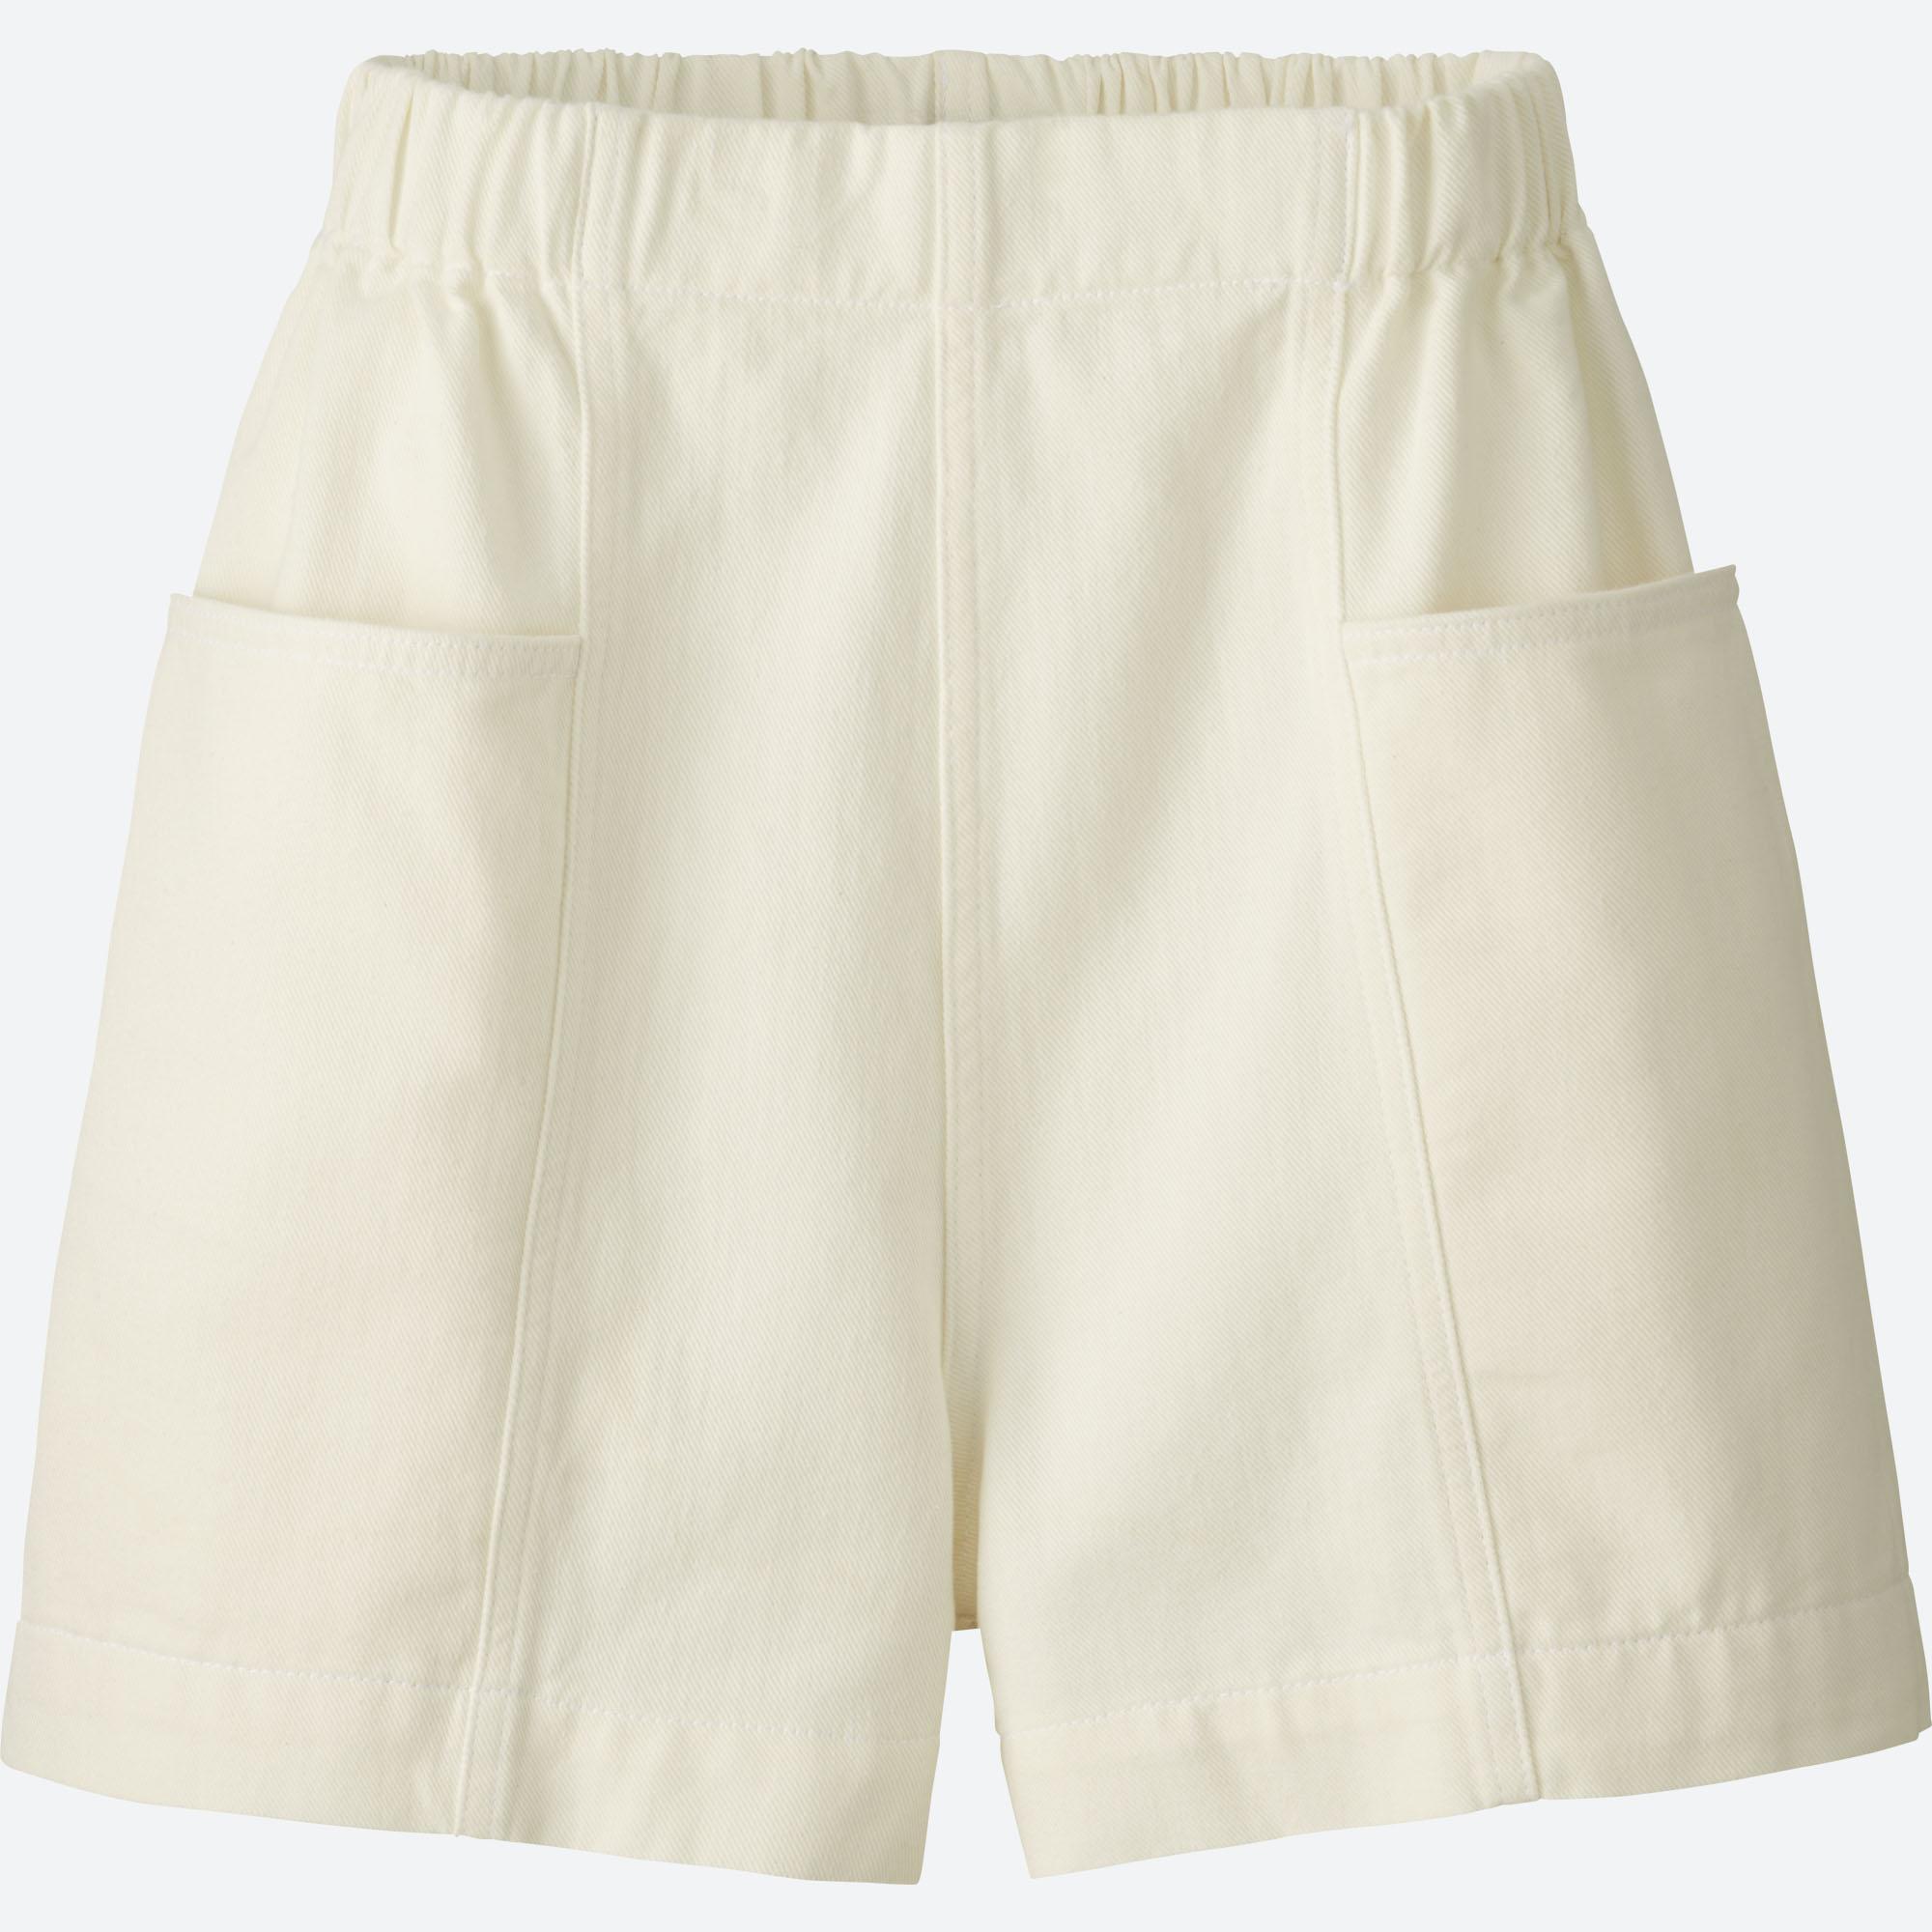 ユニクロ UNIQLO 春の新作 スカート Uniqlo U